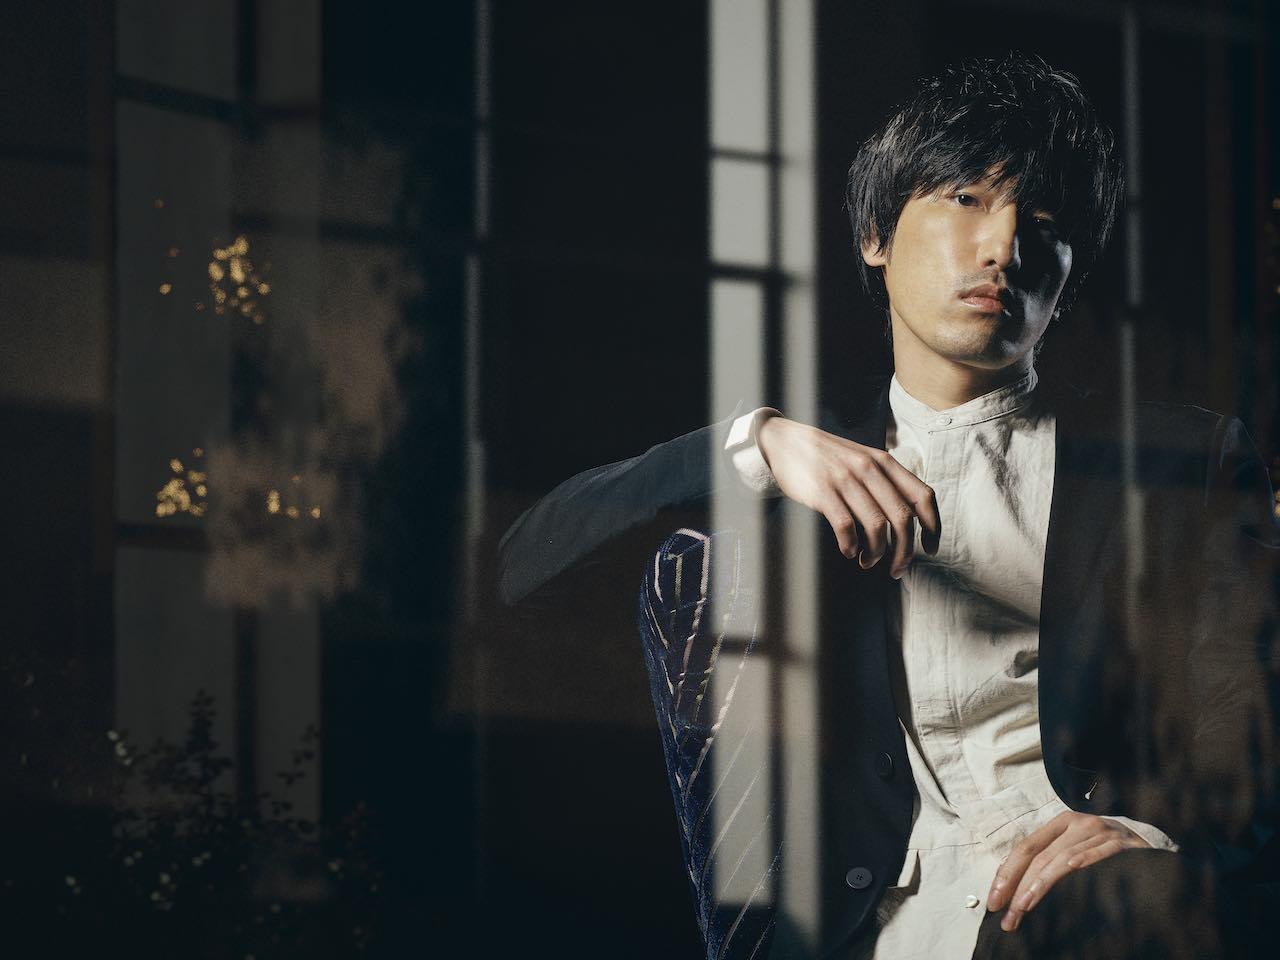 澤野弘之、ReoNaを迎えた「七つの大罪」ED「time」のミュージックビデオを公開!